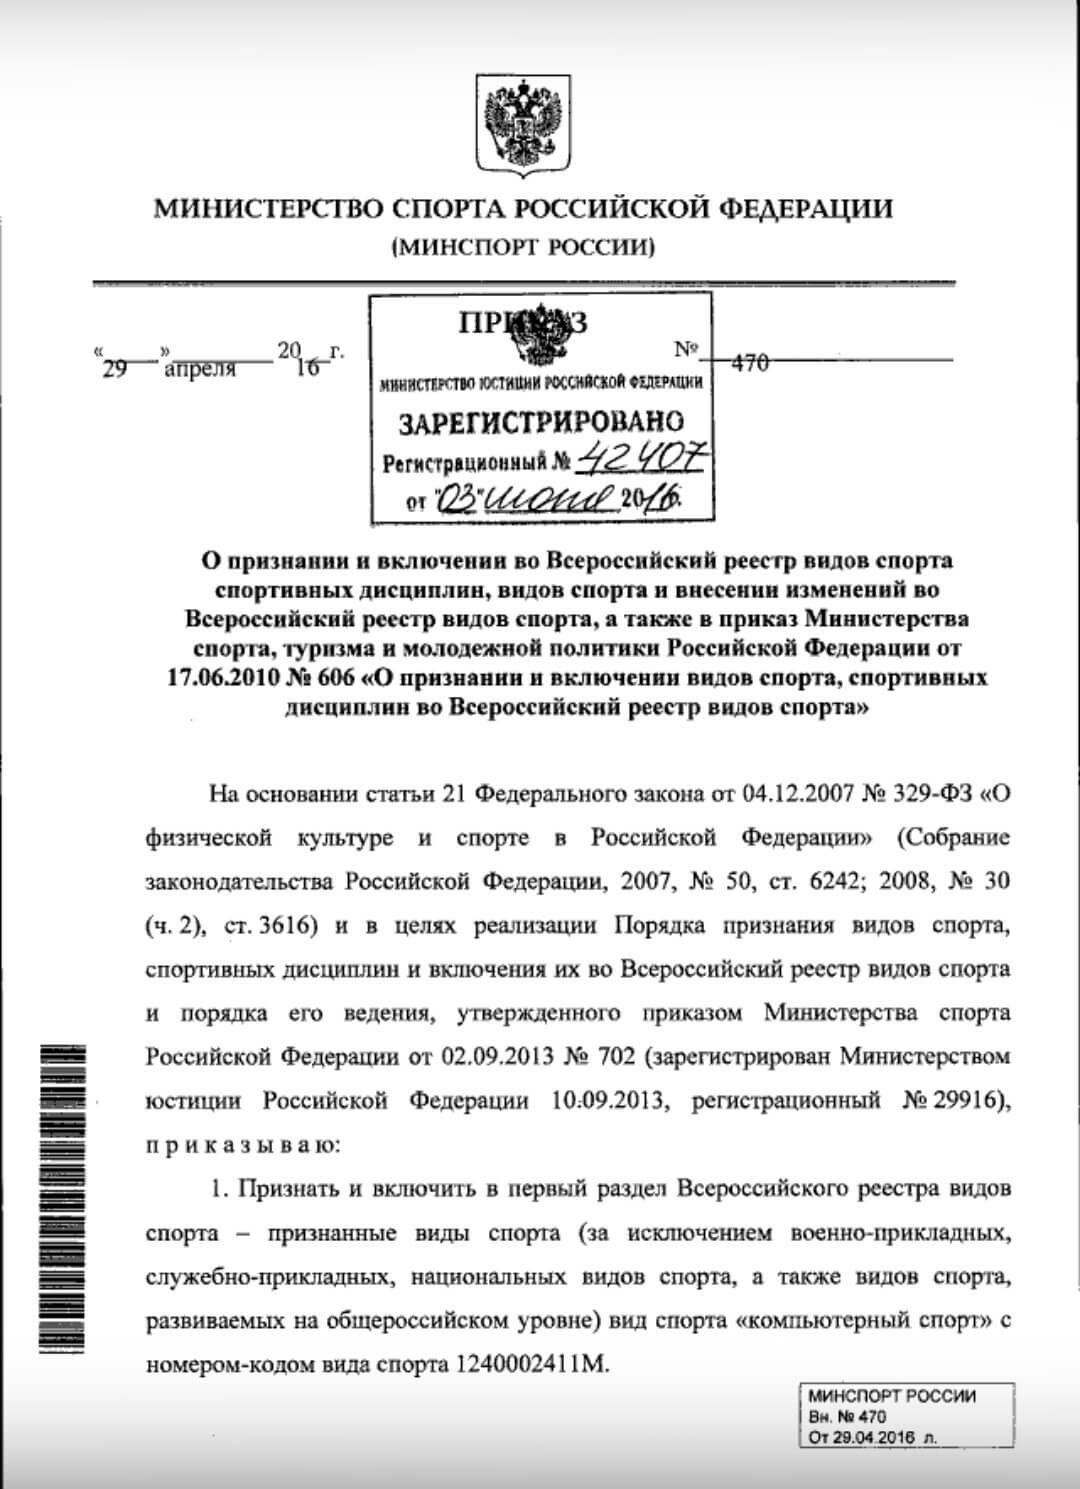 Киберспорт официально признан видом спорта в России